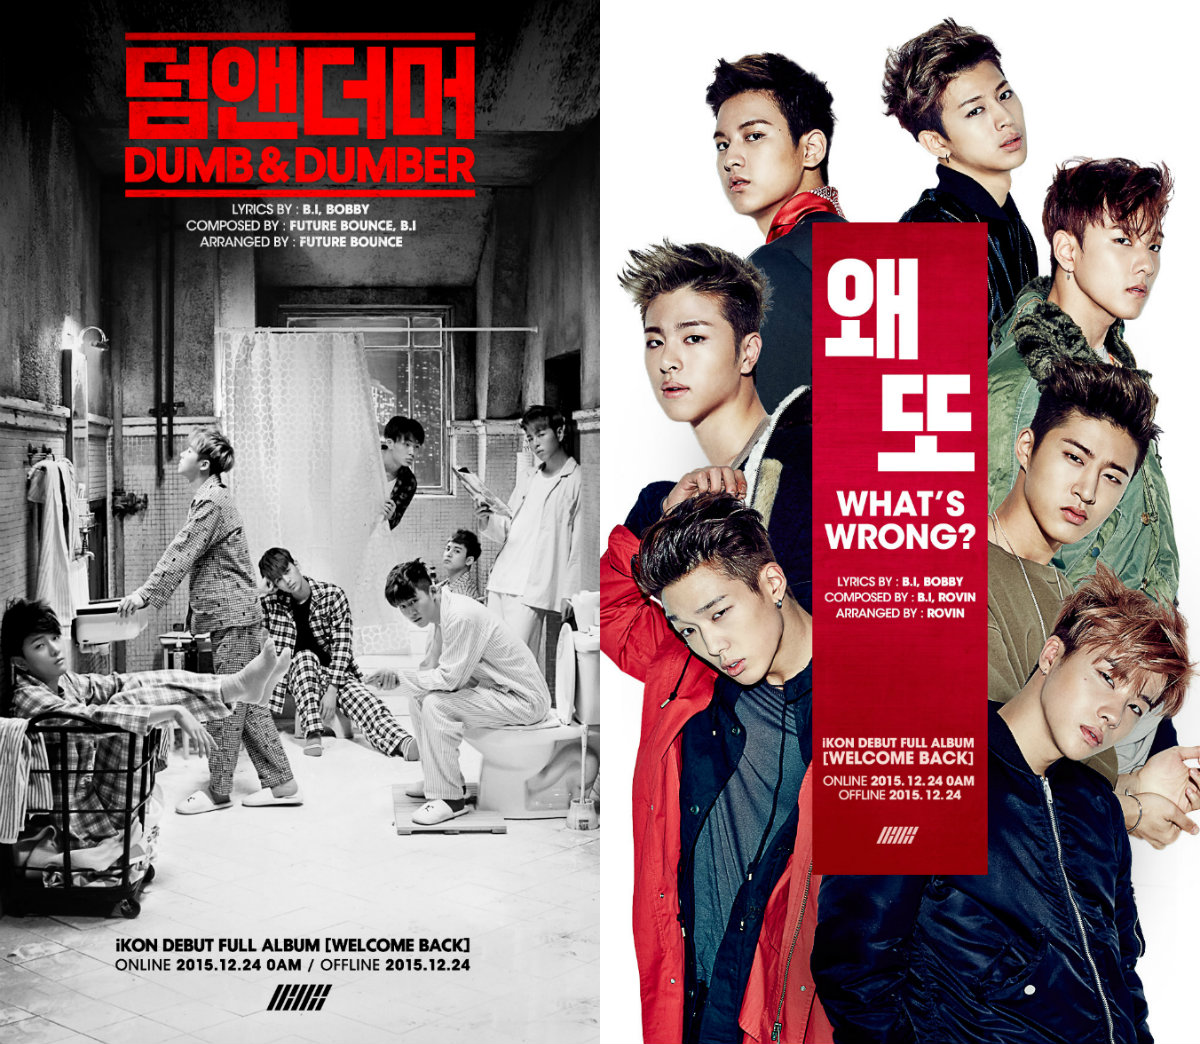 iKON revela doble sencillo a promocionar para completo álbum debut